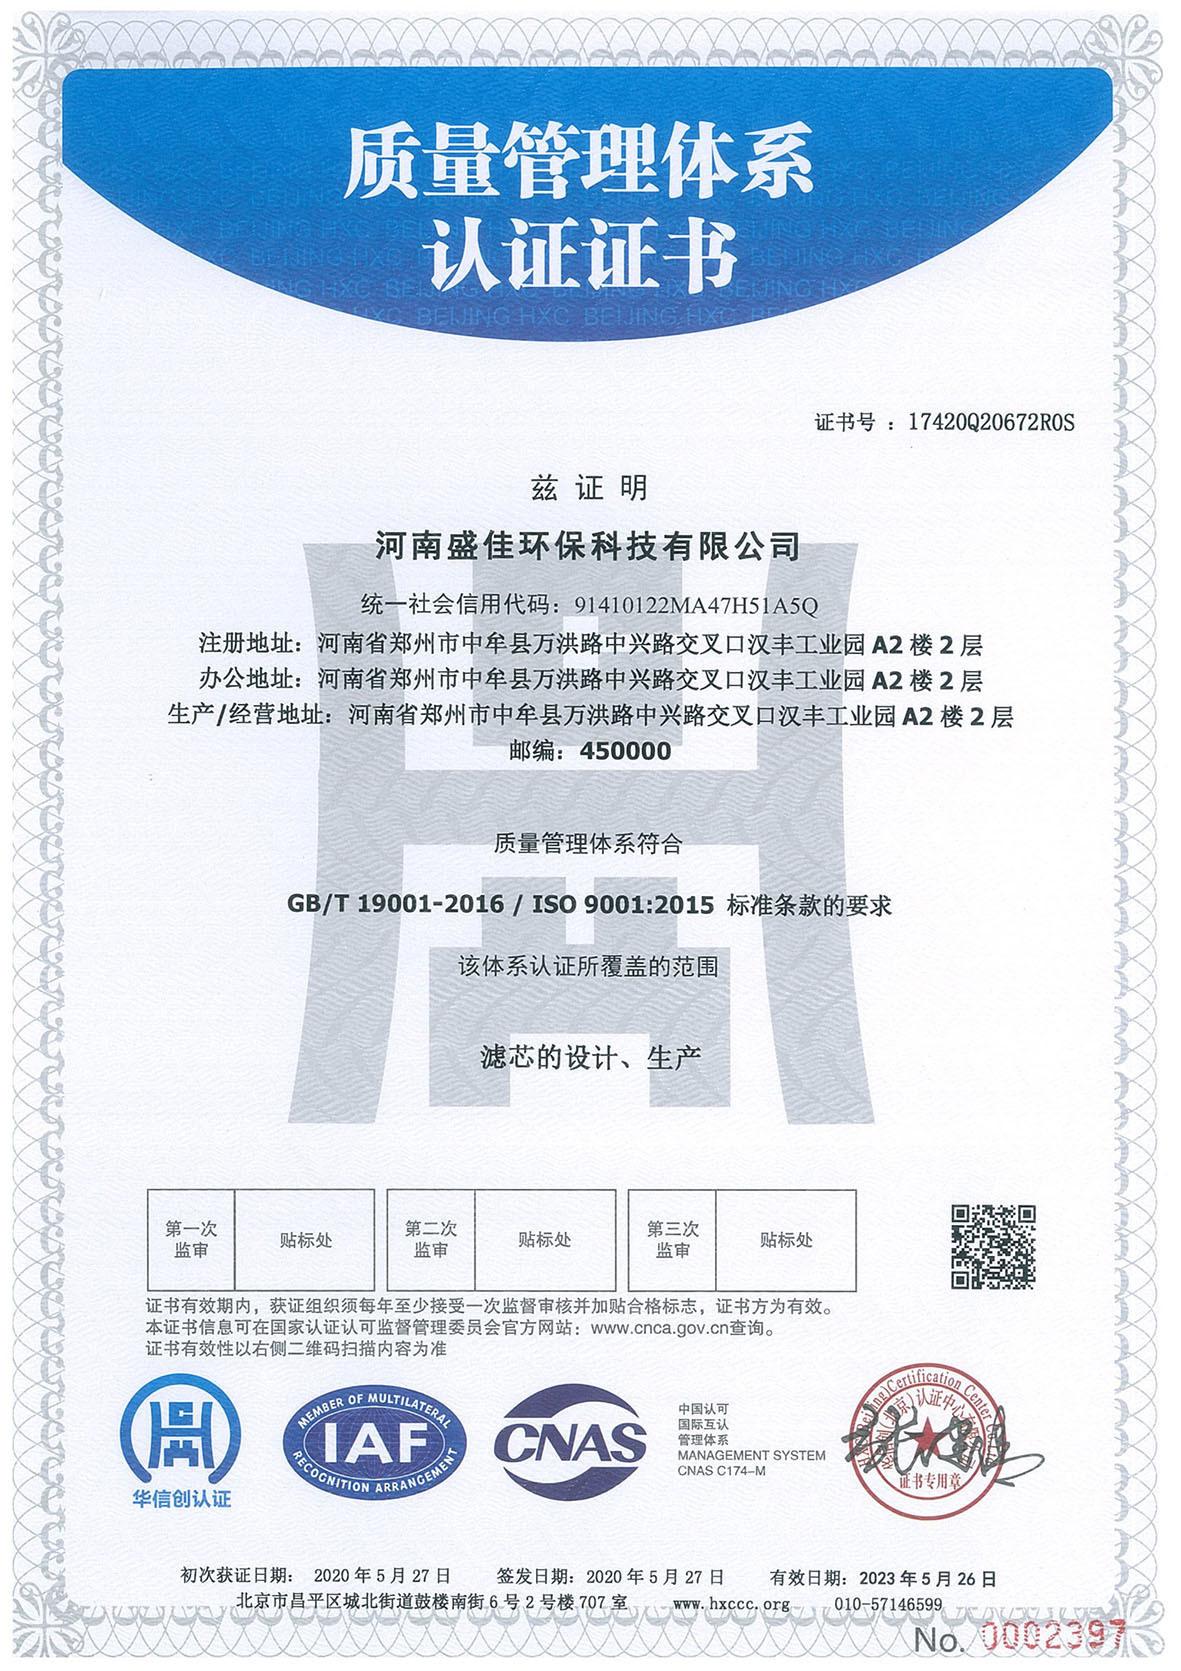 河南盛佳环保科技有限公司Q-1